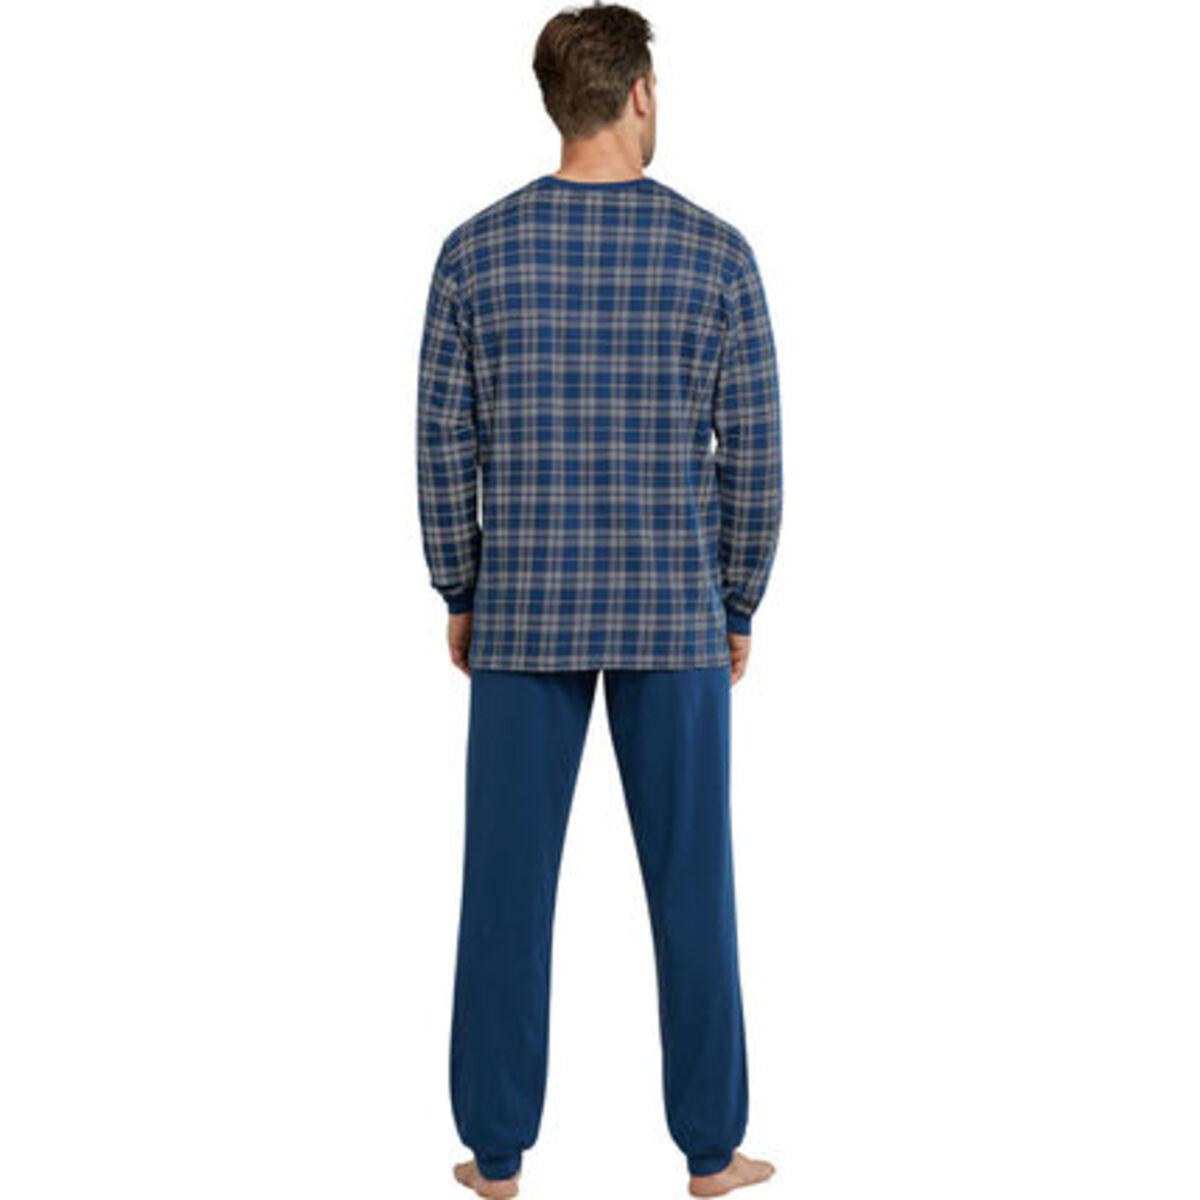 Bild 2 von Schiesser Schlafanzug, Karo-Shirt, Baumwolle, für Herren